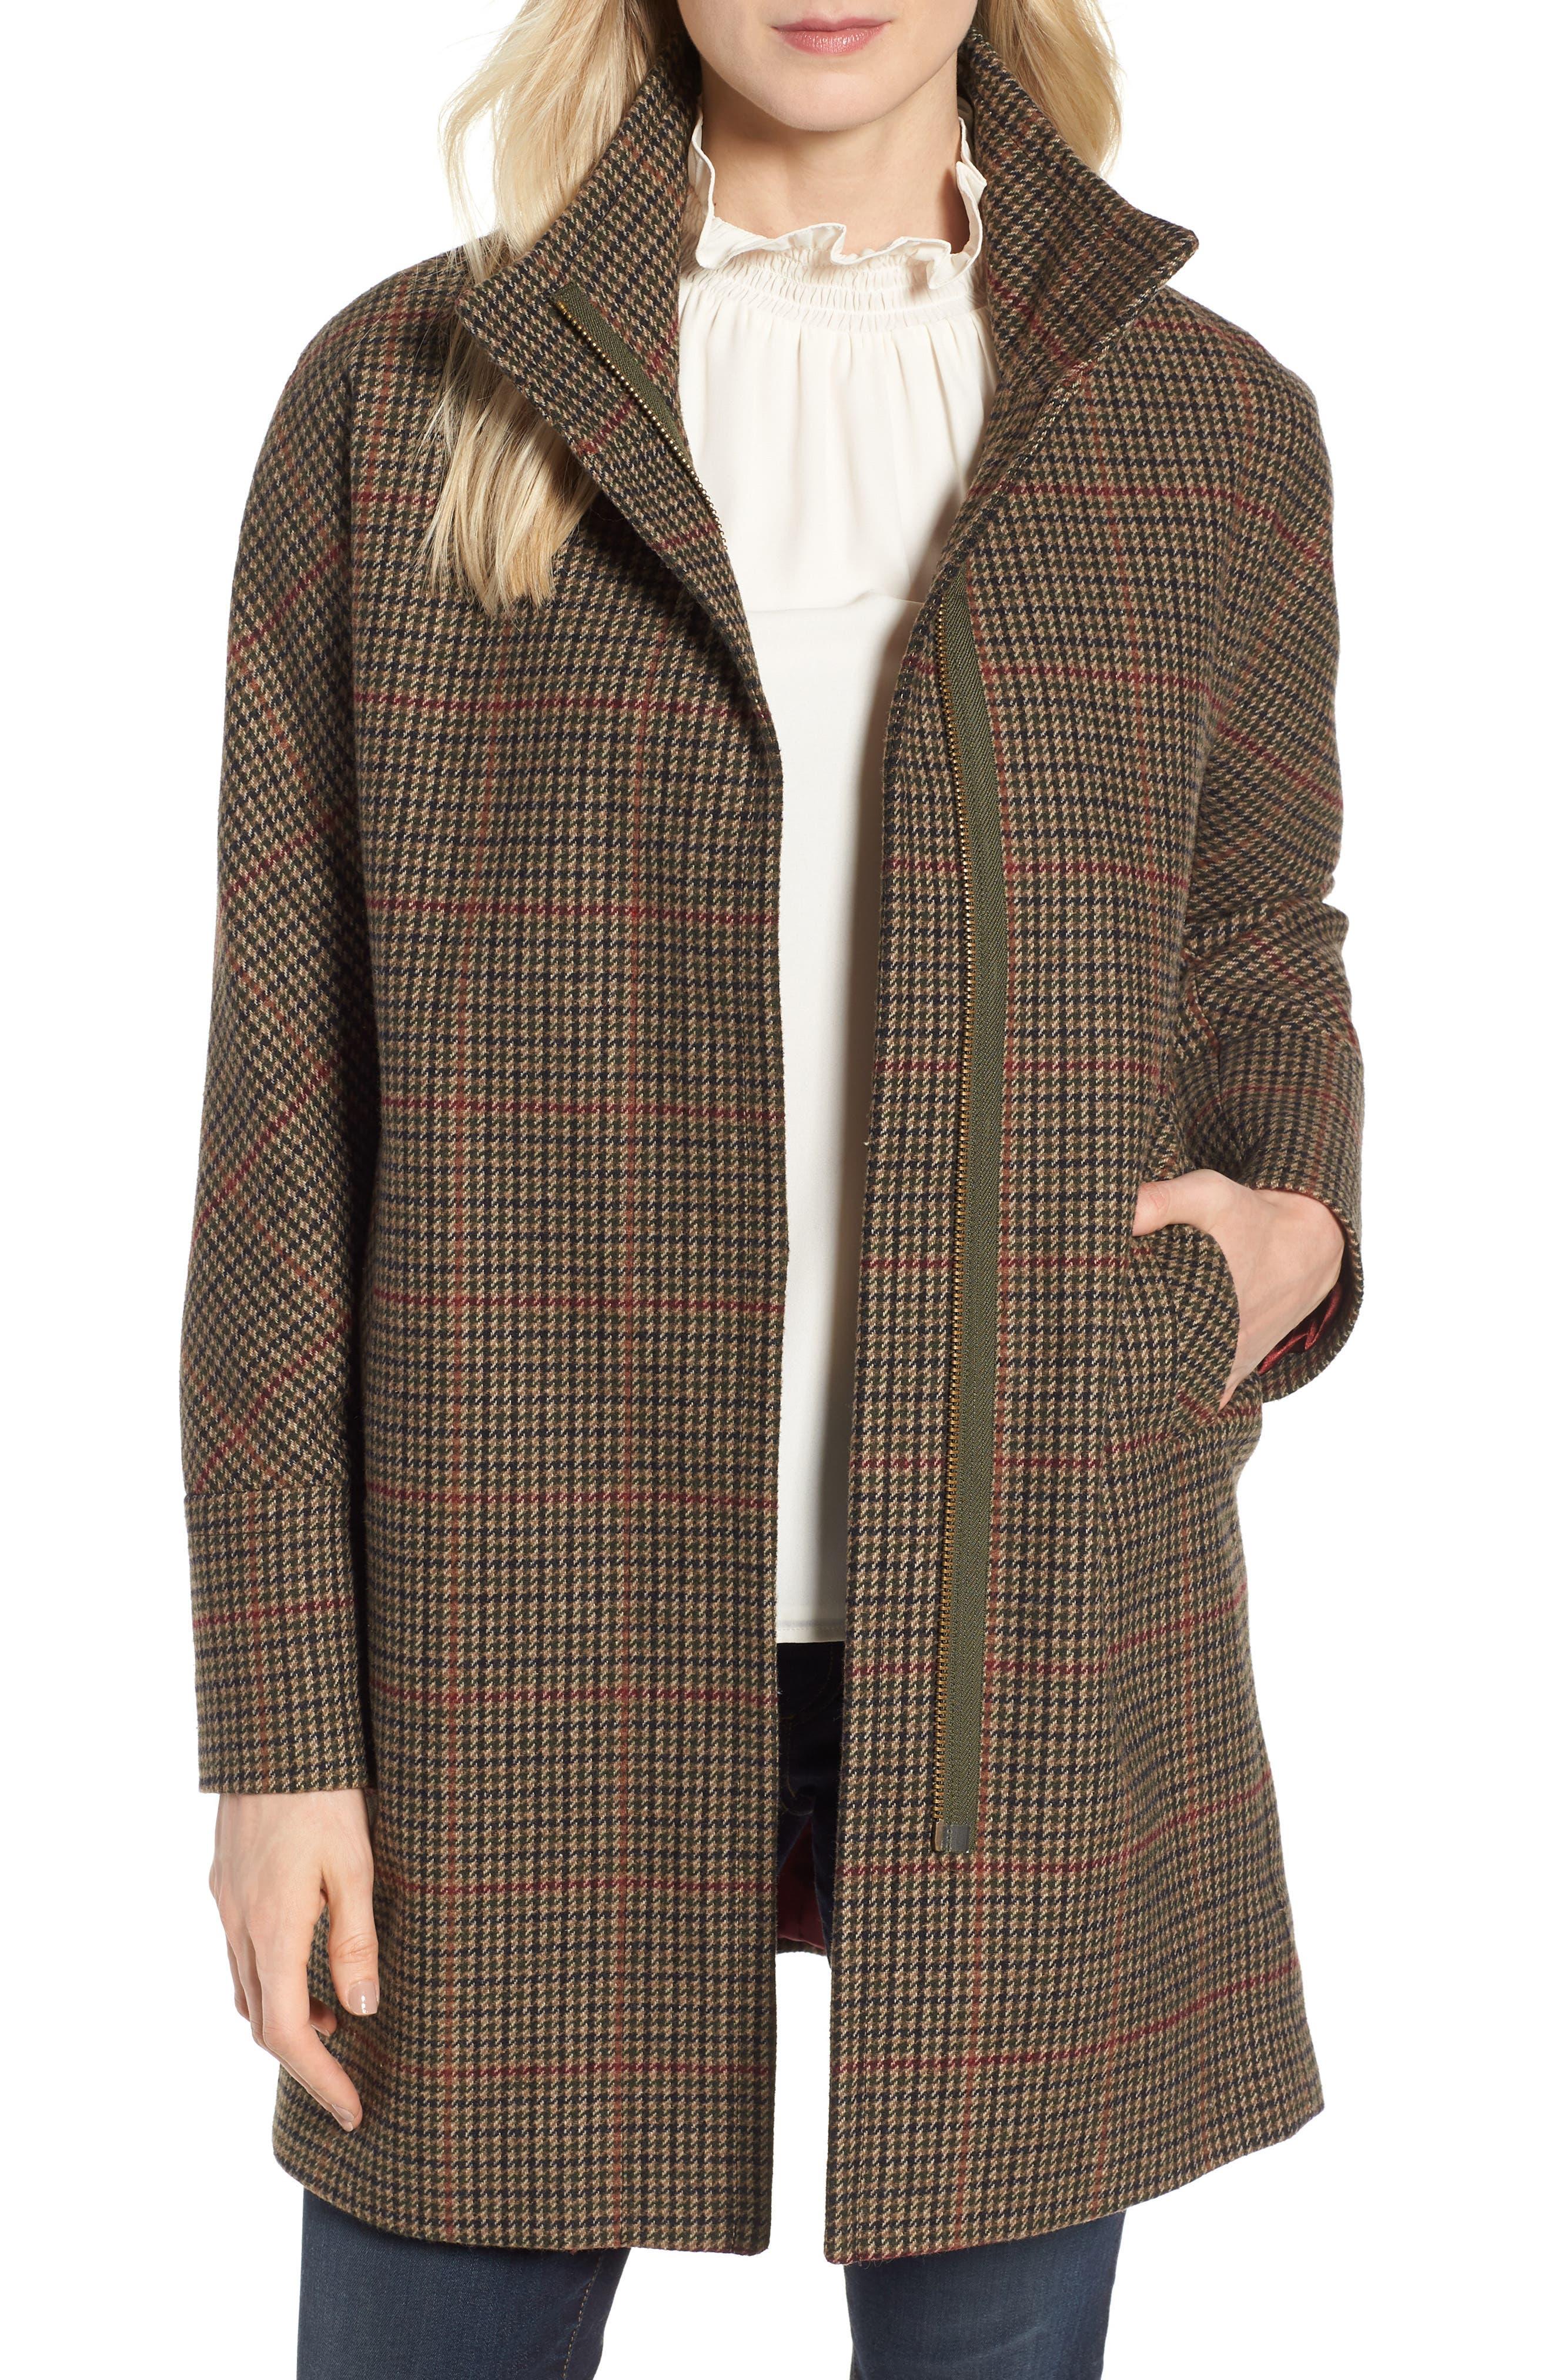 Plaid Topper Coat,                             Main thumbnail 1, color,                             MULTI